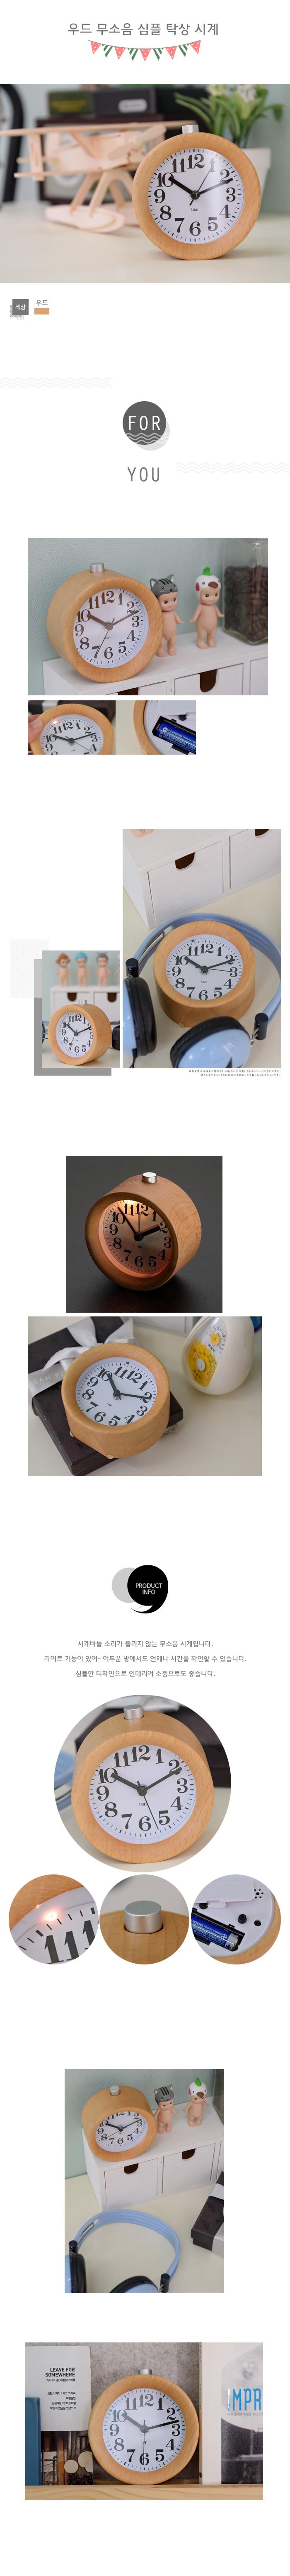 우드 무소음 심플 탁상시계(알람) - 연호디자인, 23,840원, 알람/탁상시계, 디자인시계